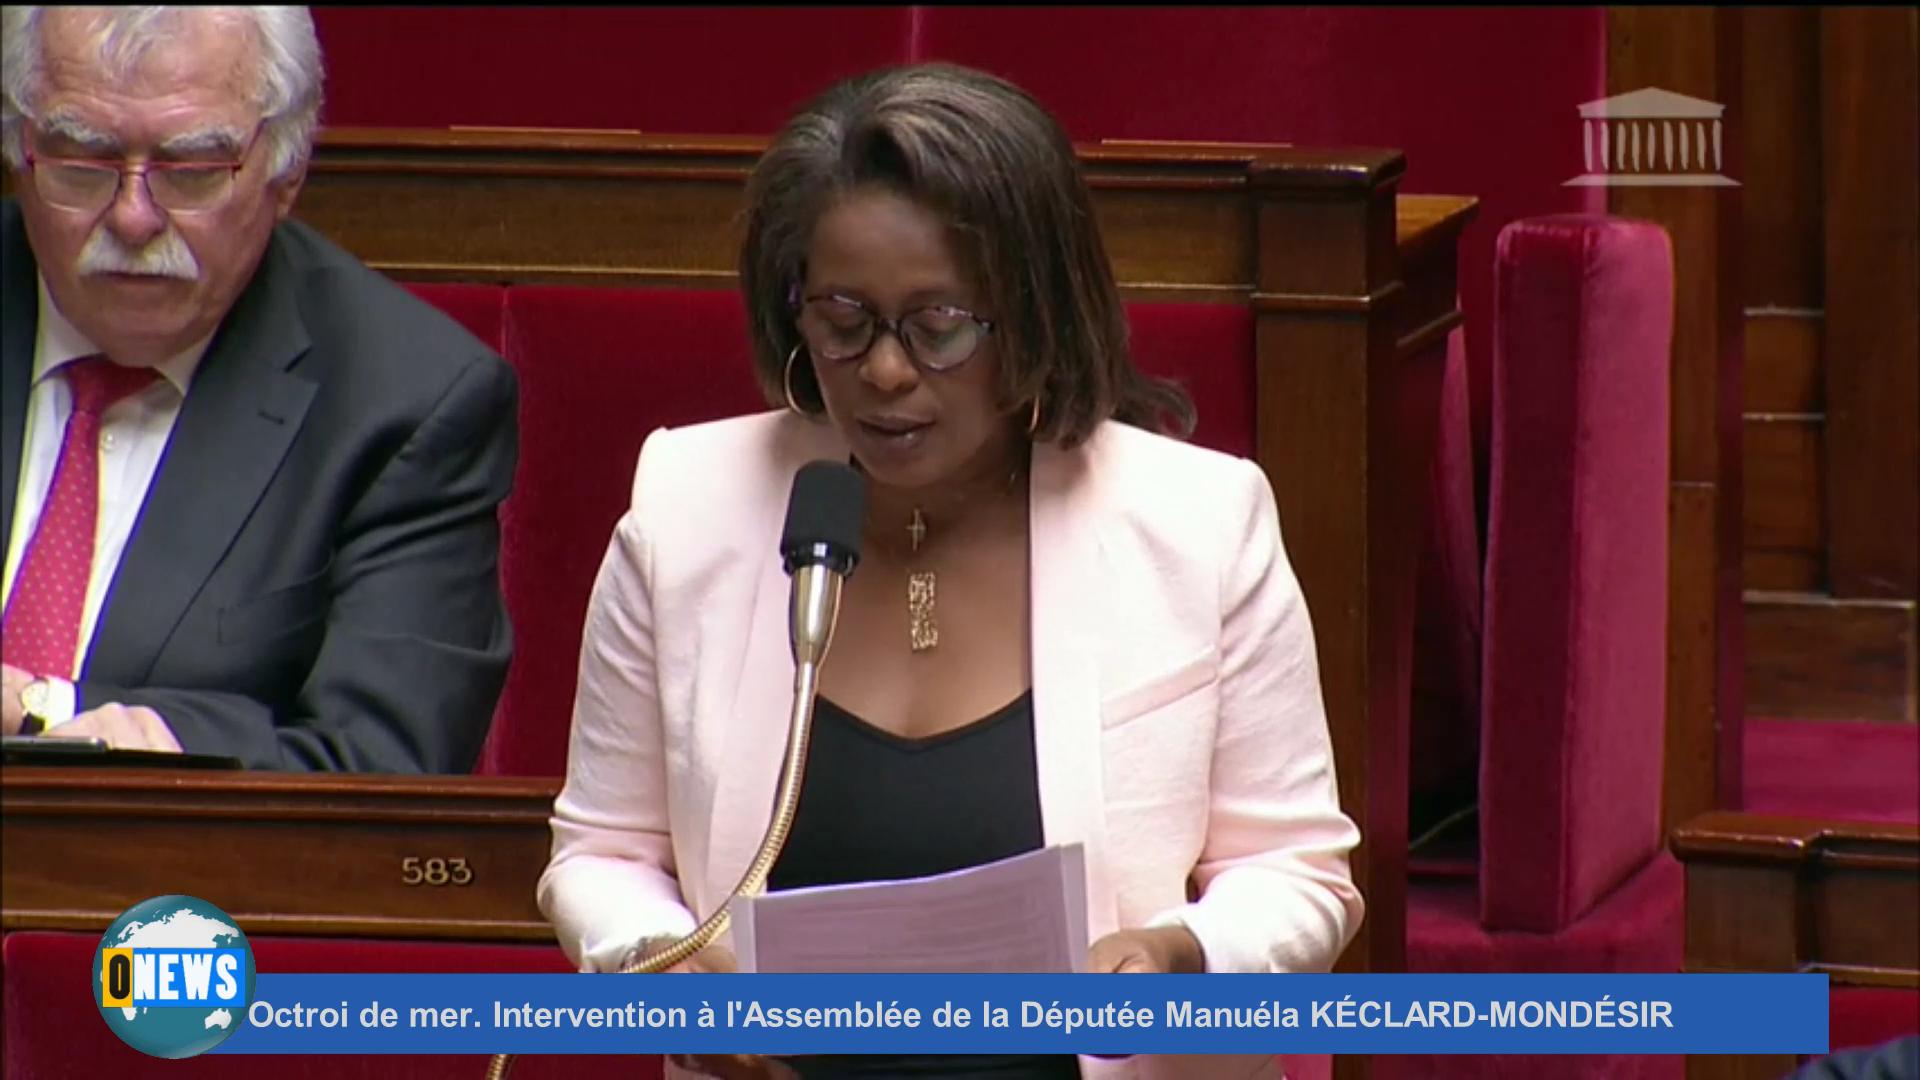 [Vidéo]Octroi de mer. Intervention à l'Assemblée de la Députée Manuéla KÉCLARD-MONDÉSIR